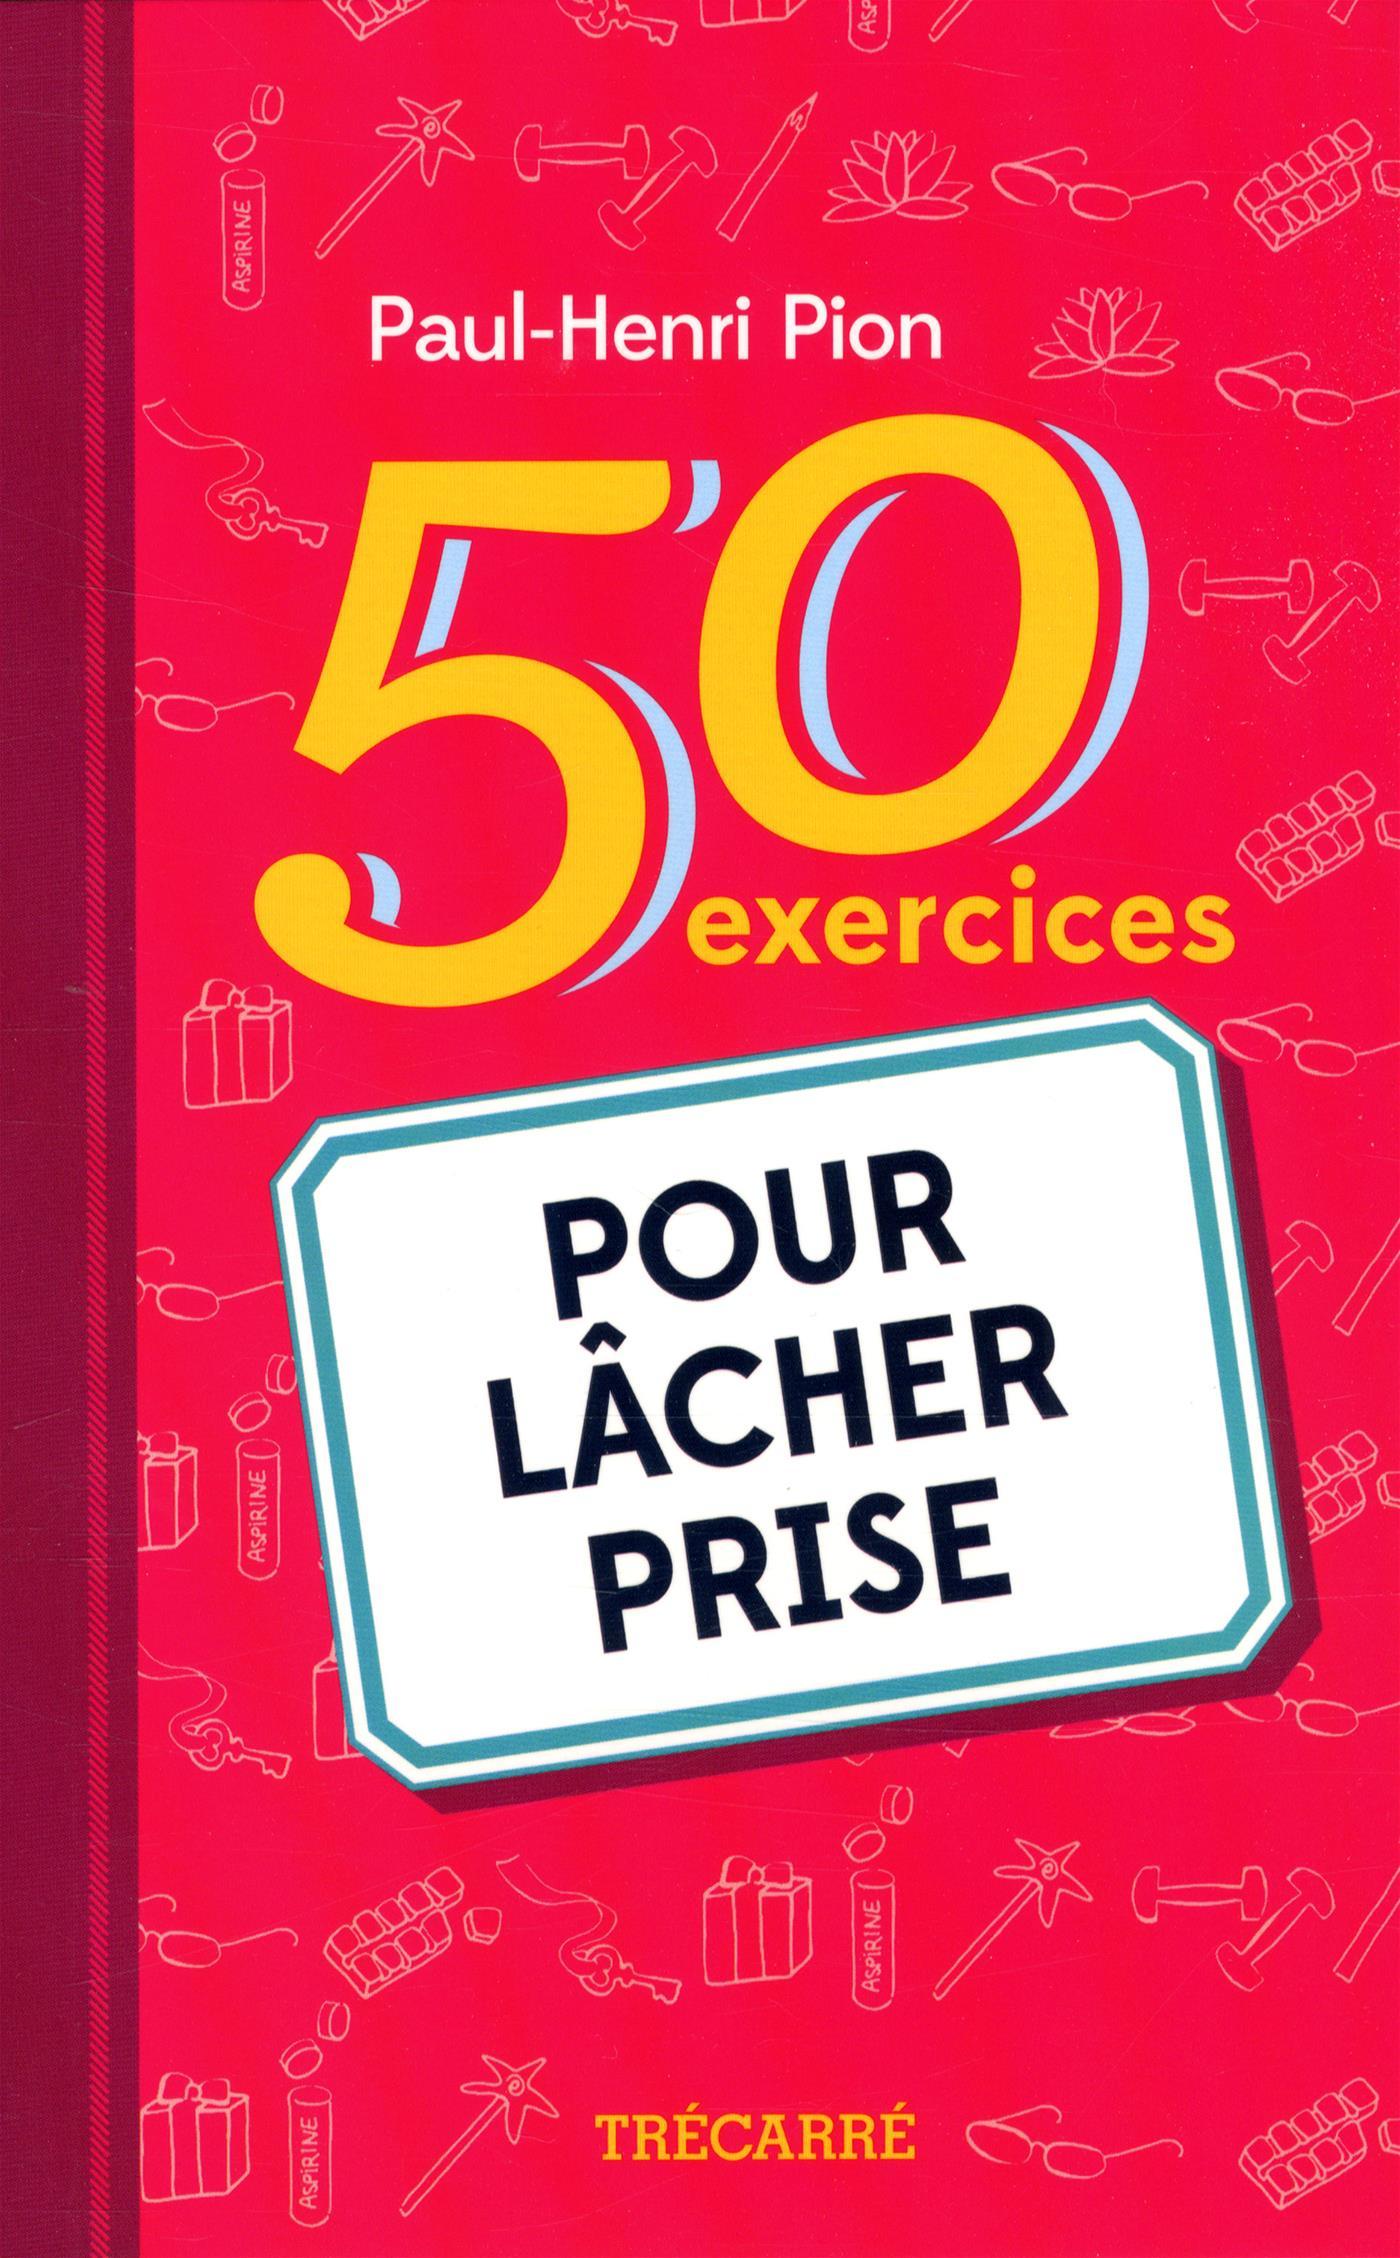 livre 50 exercices pour l cher prise messageries adp. Black Bedroom Furniture Sets. Home Design Ideas